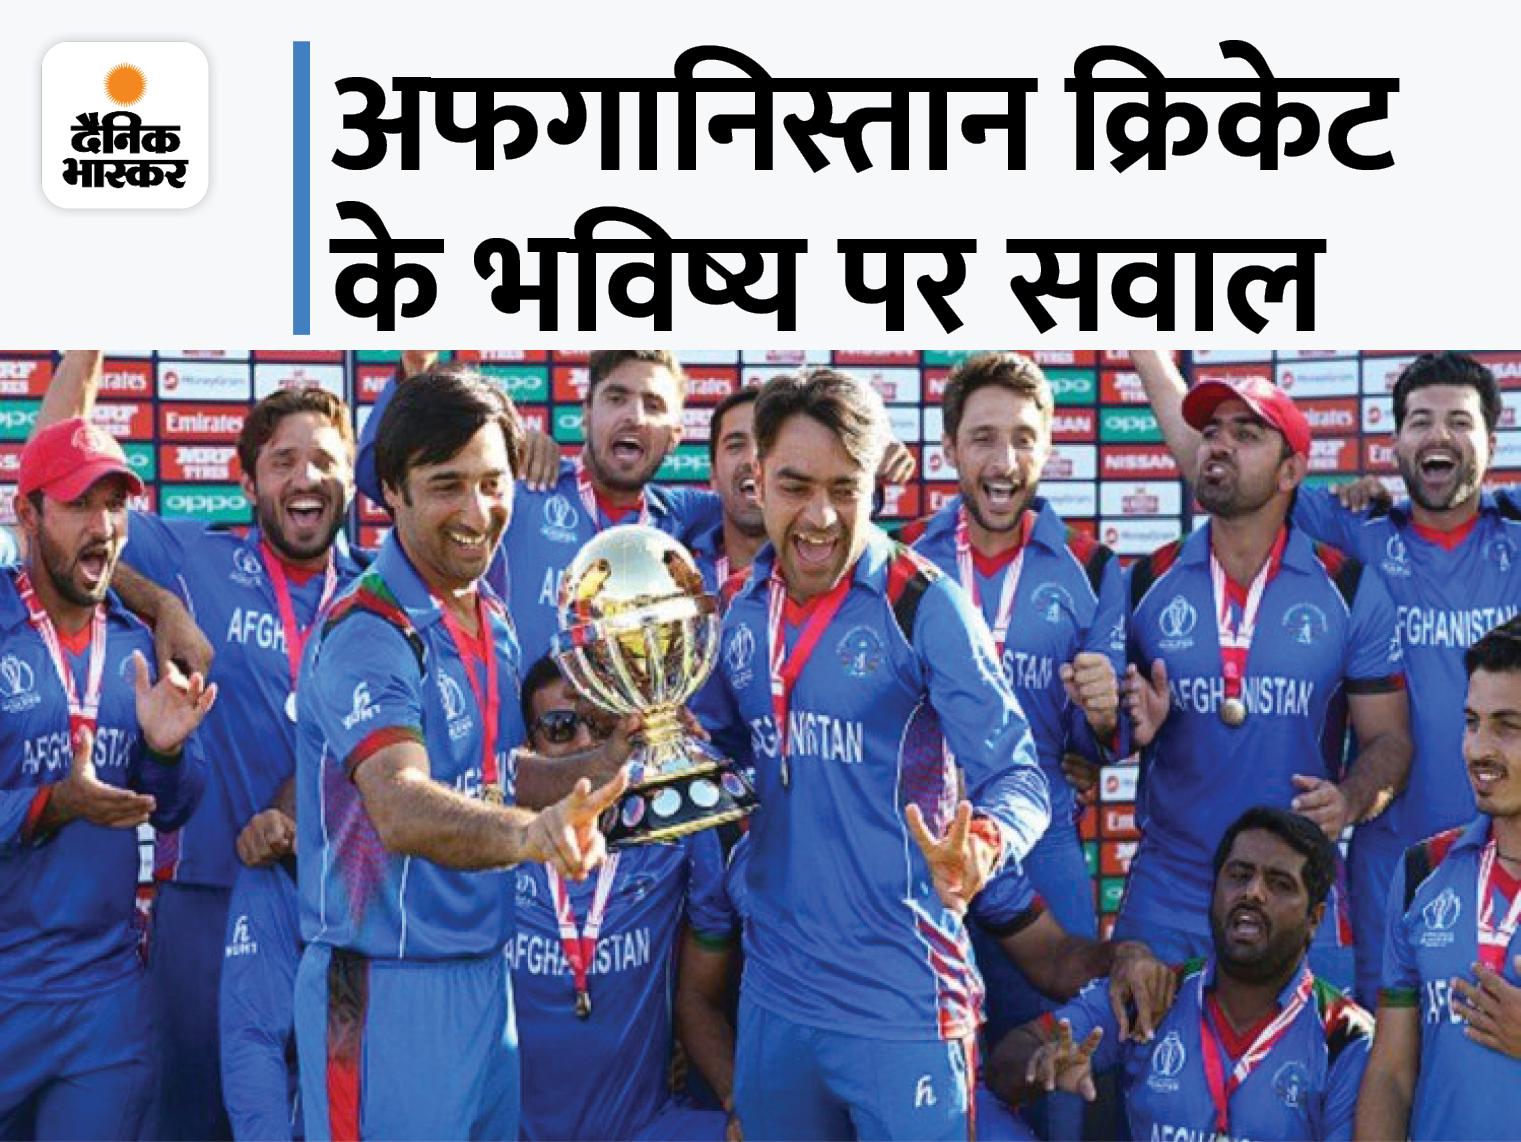 टीम तालिबान के झंडे तले खेली तो ICC लगा सकती है बैन, सदस्य देशों की लिस्ट से भी बाहर हो सकती है|क्रिकेट,Cricket - Dainik Bhaskar